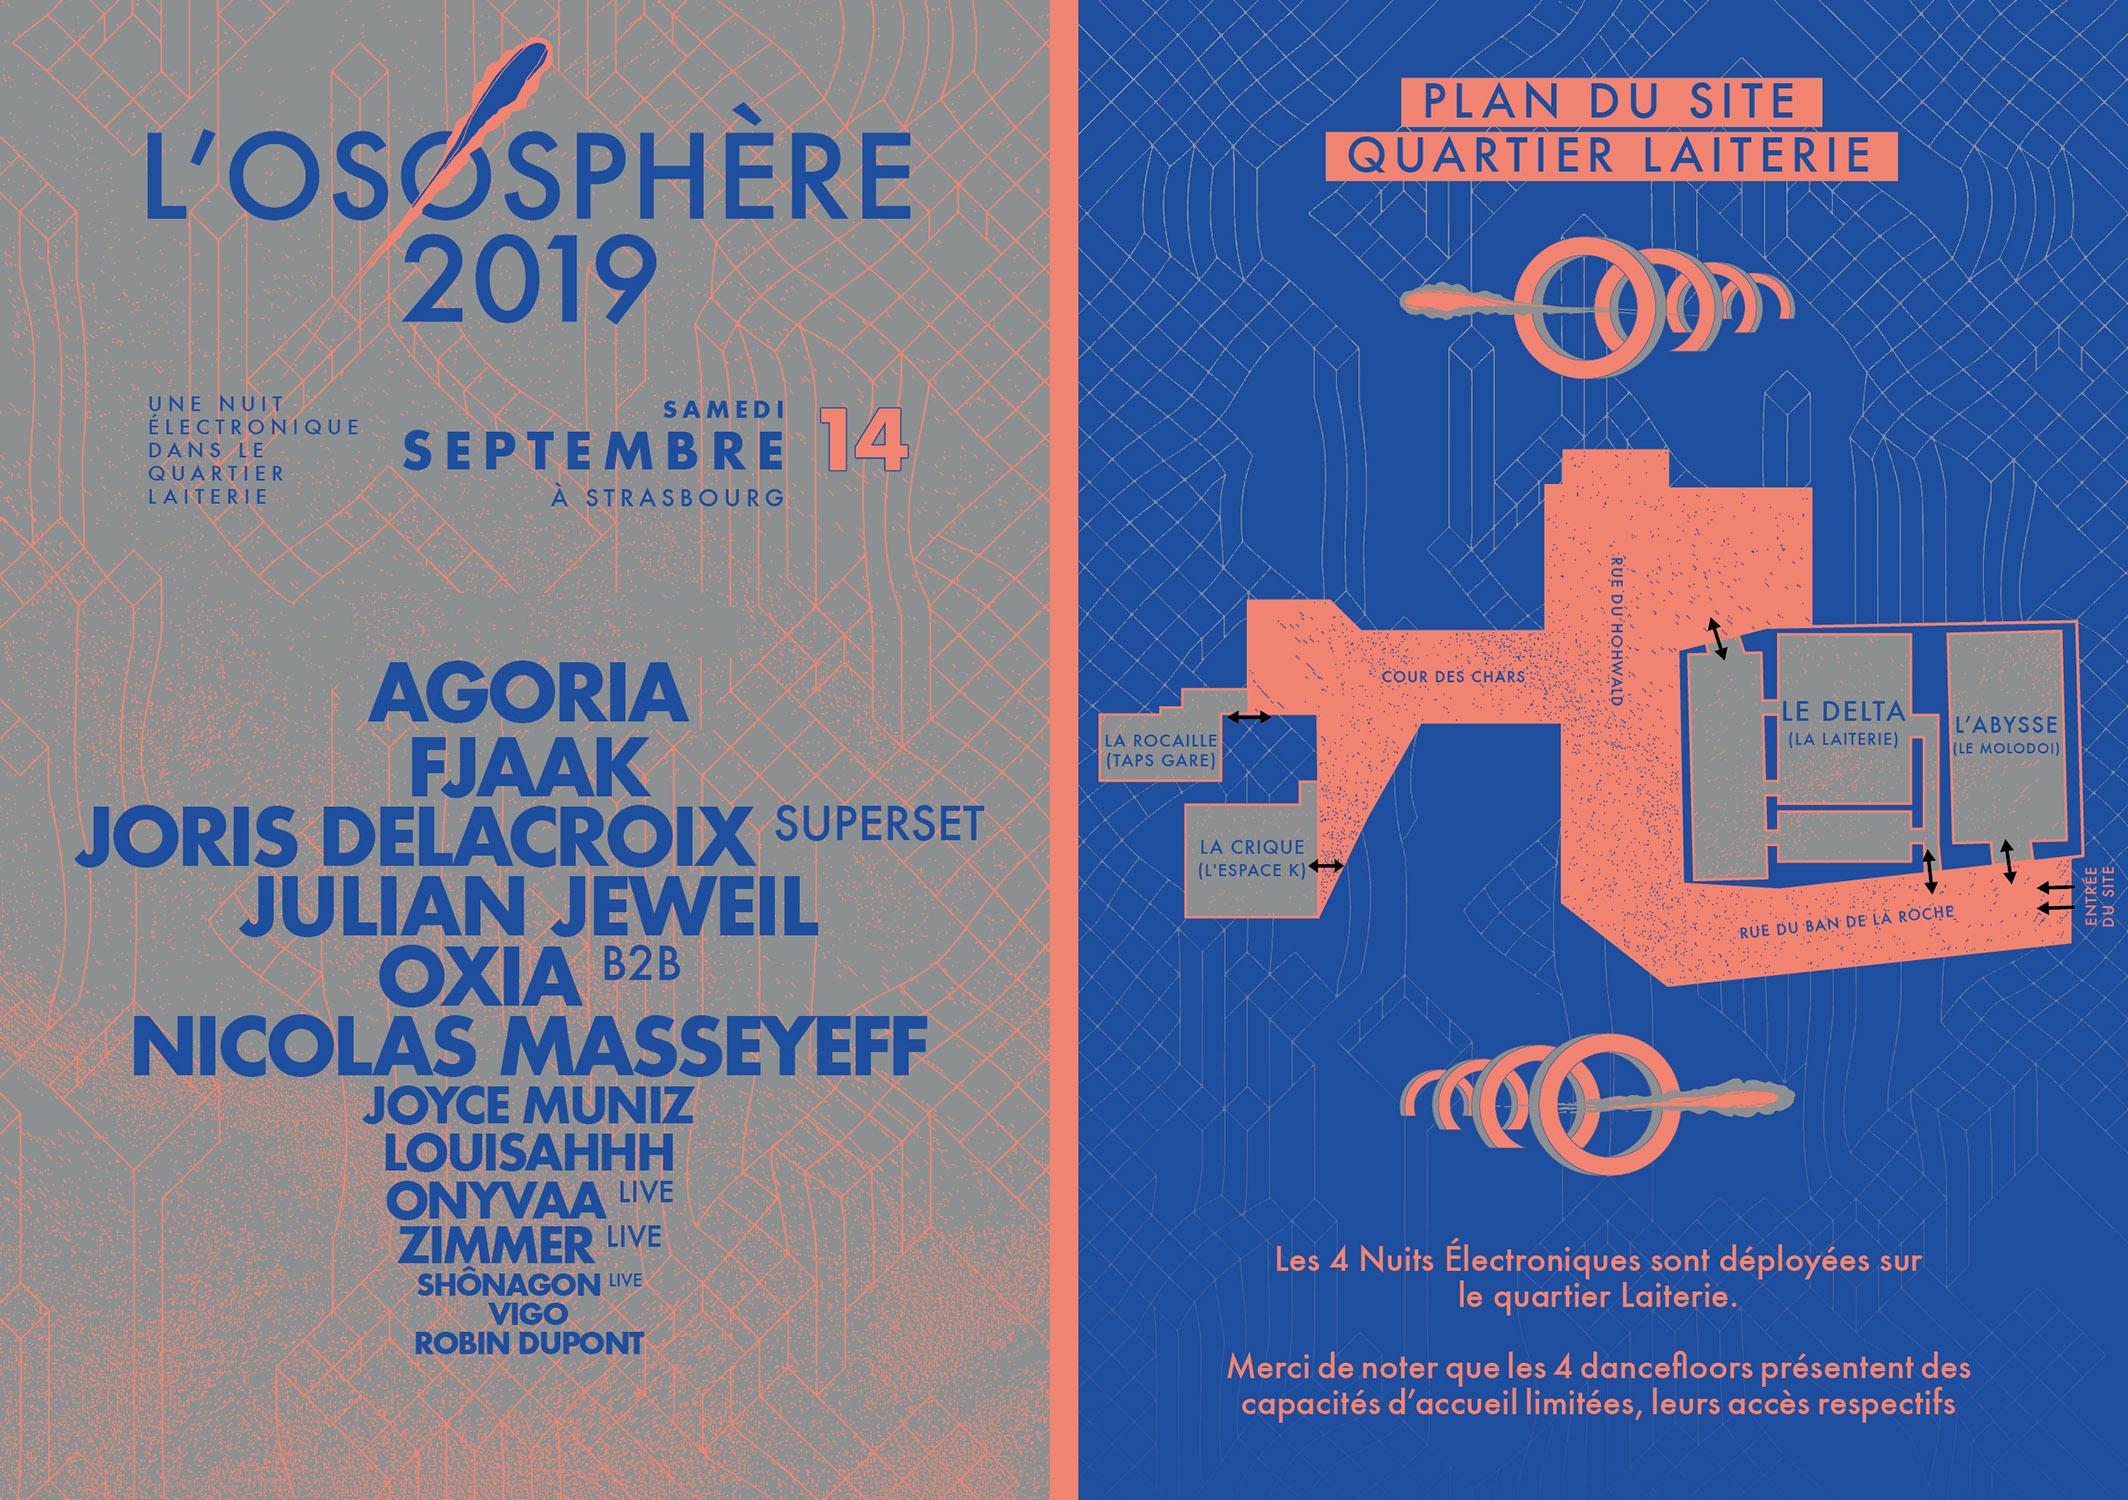 L'Ososphère • Strasbourg • Quartier Laiterie • 14 sept 2019